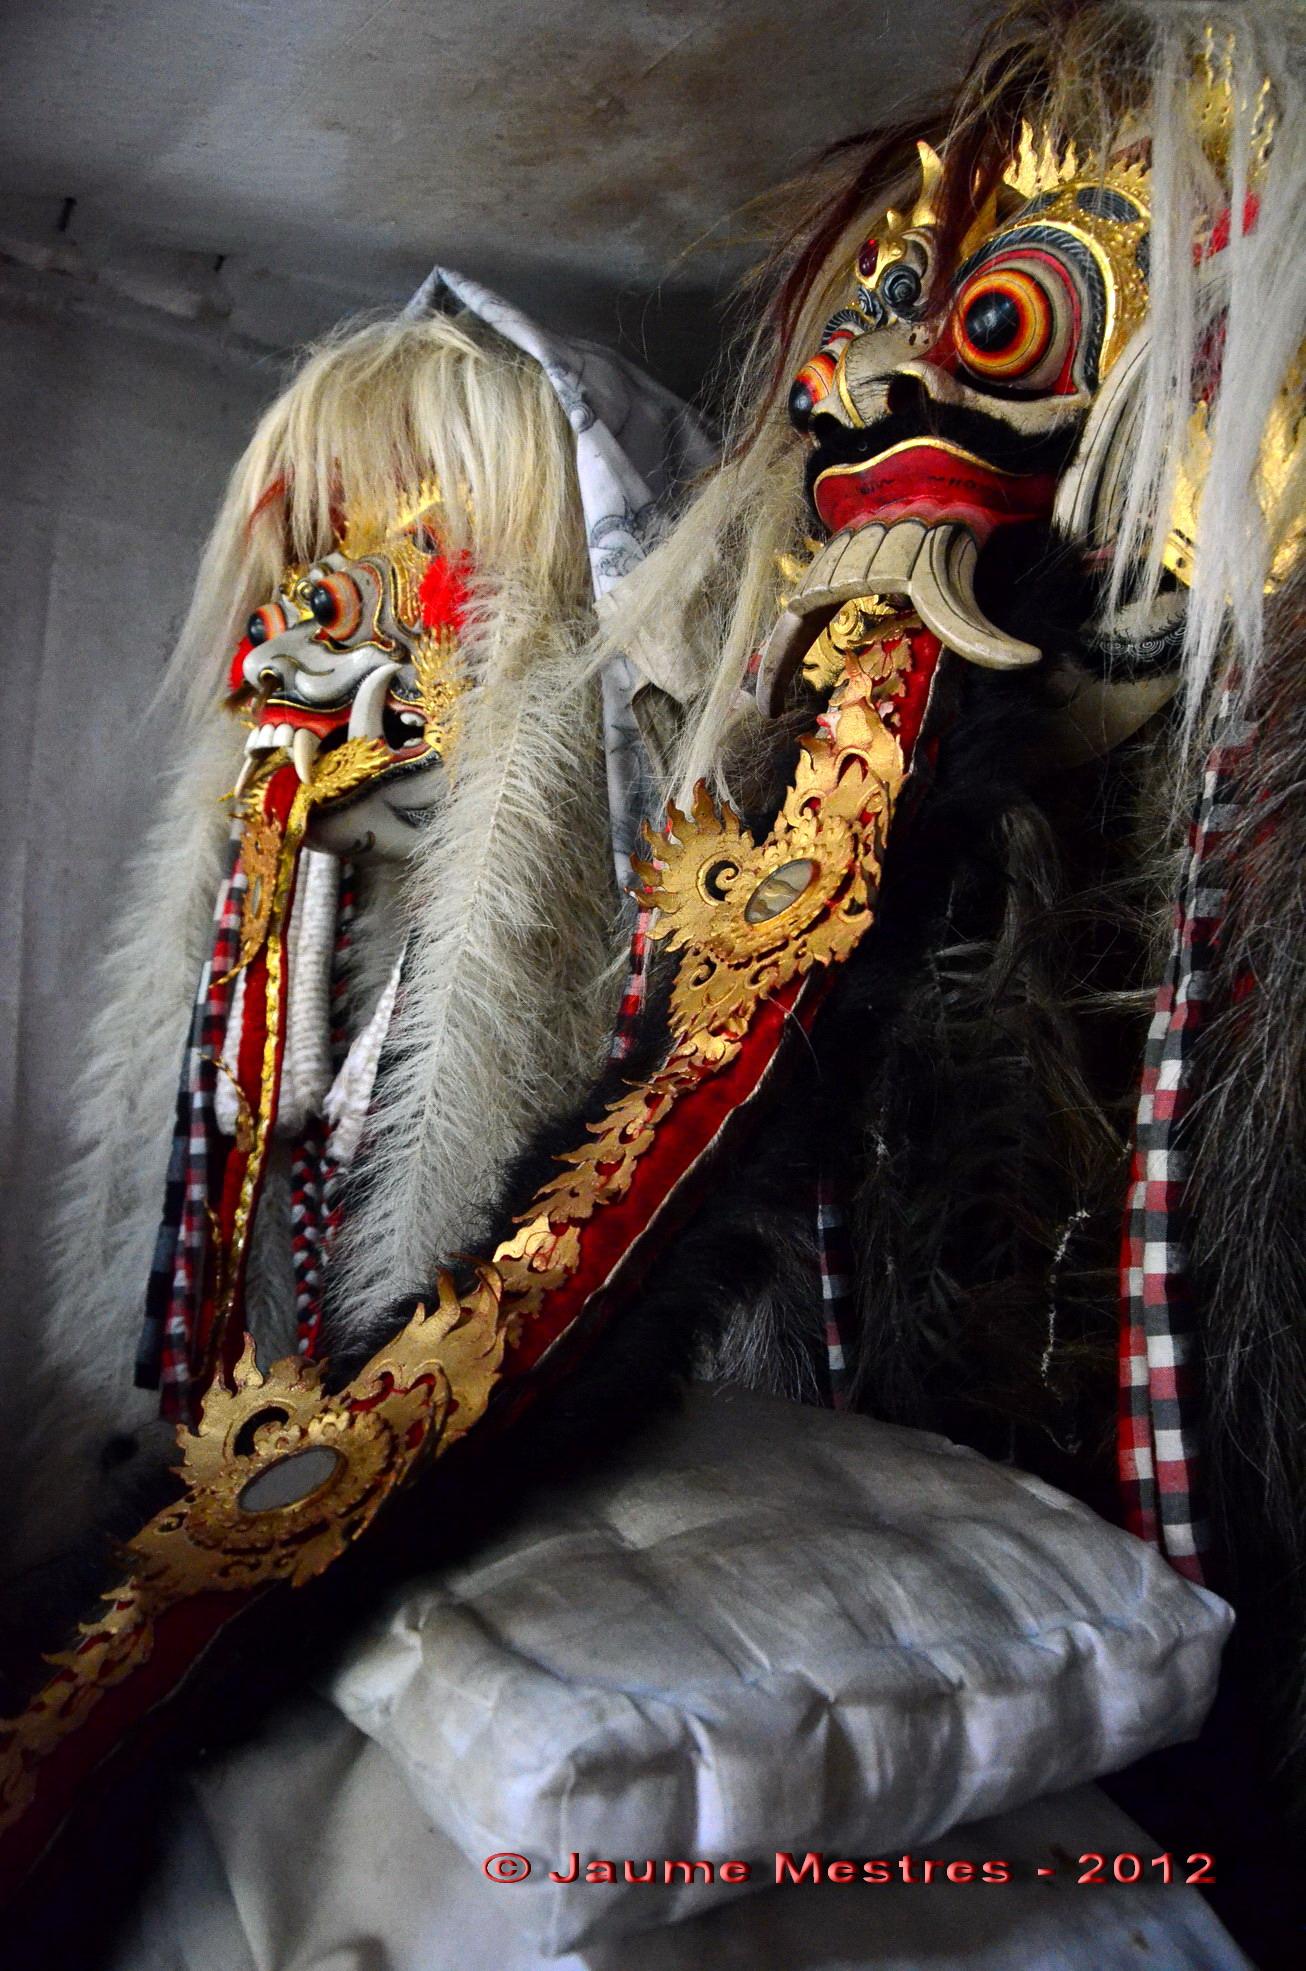 Màscares de la bruixa Rangda, l'ésser més malvat de la mitologia balinesa.